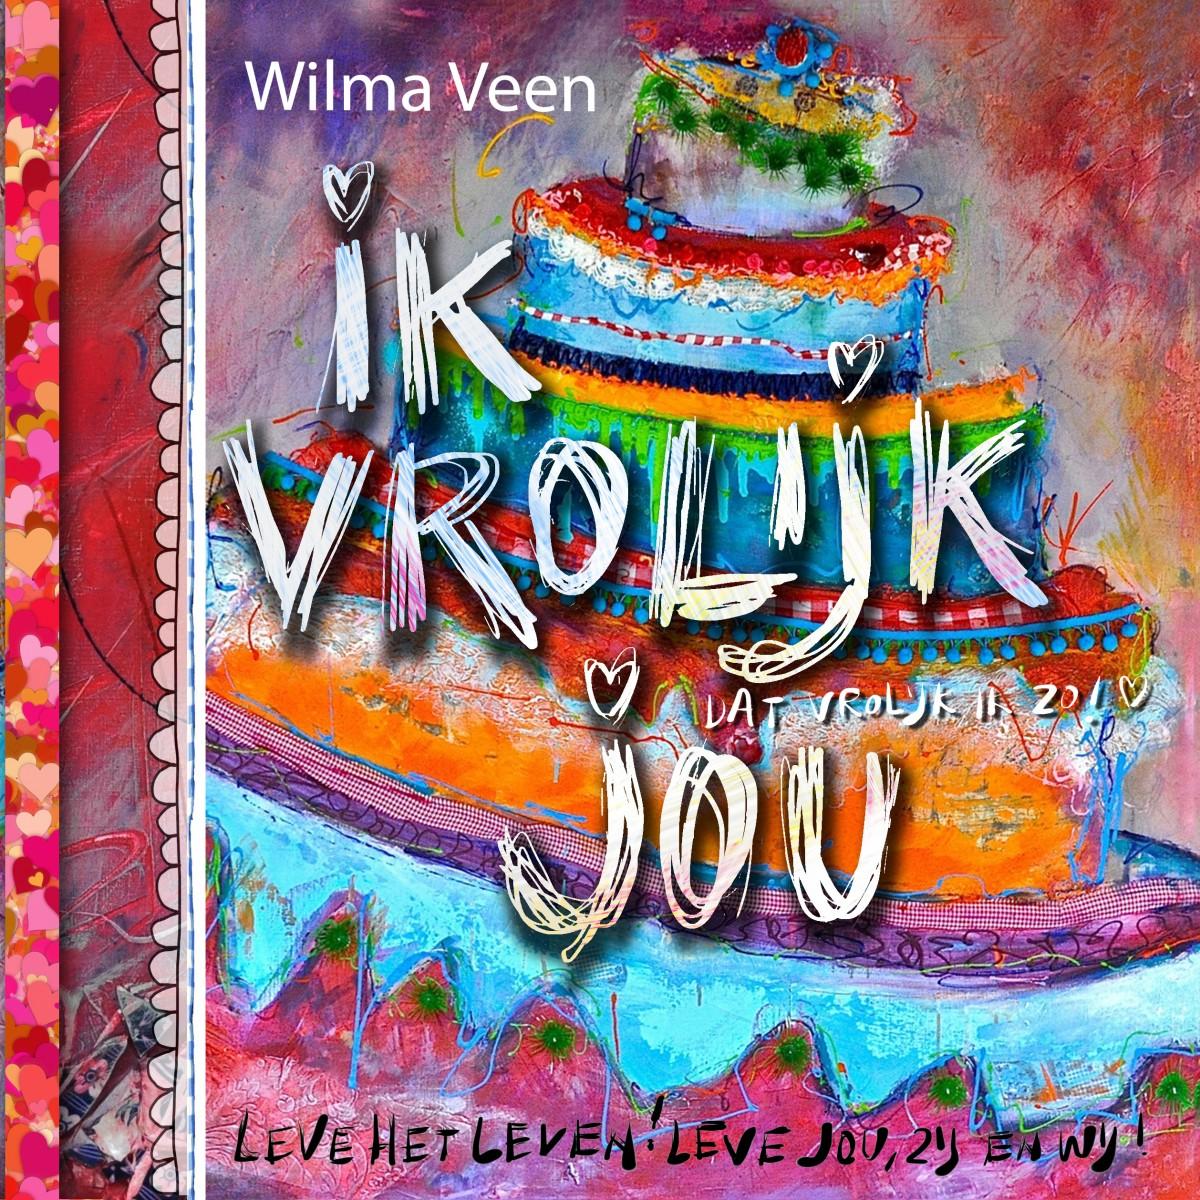 2014!  Nieuw boek van Wilma... volop in de maak:)